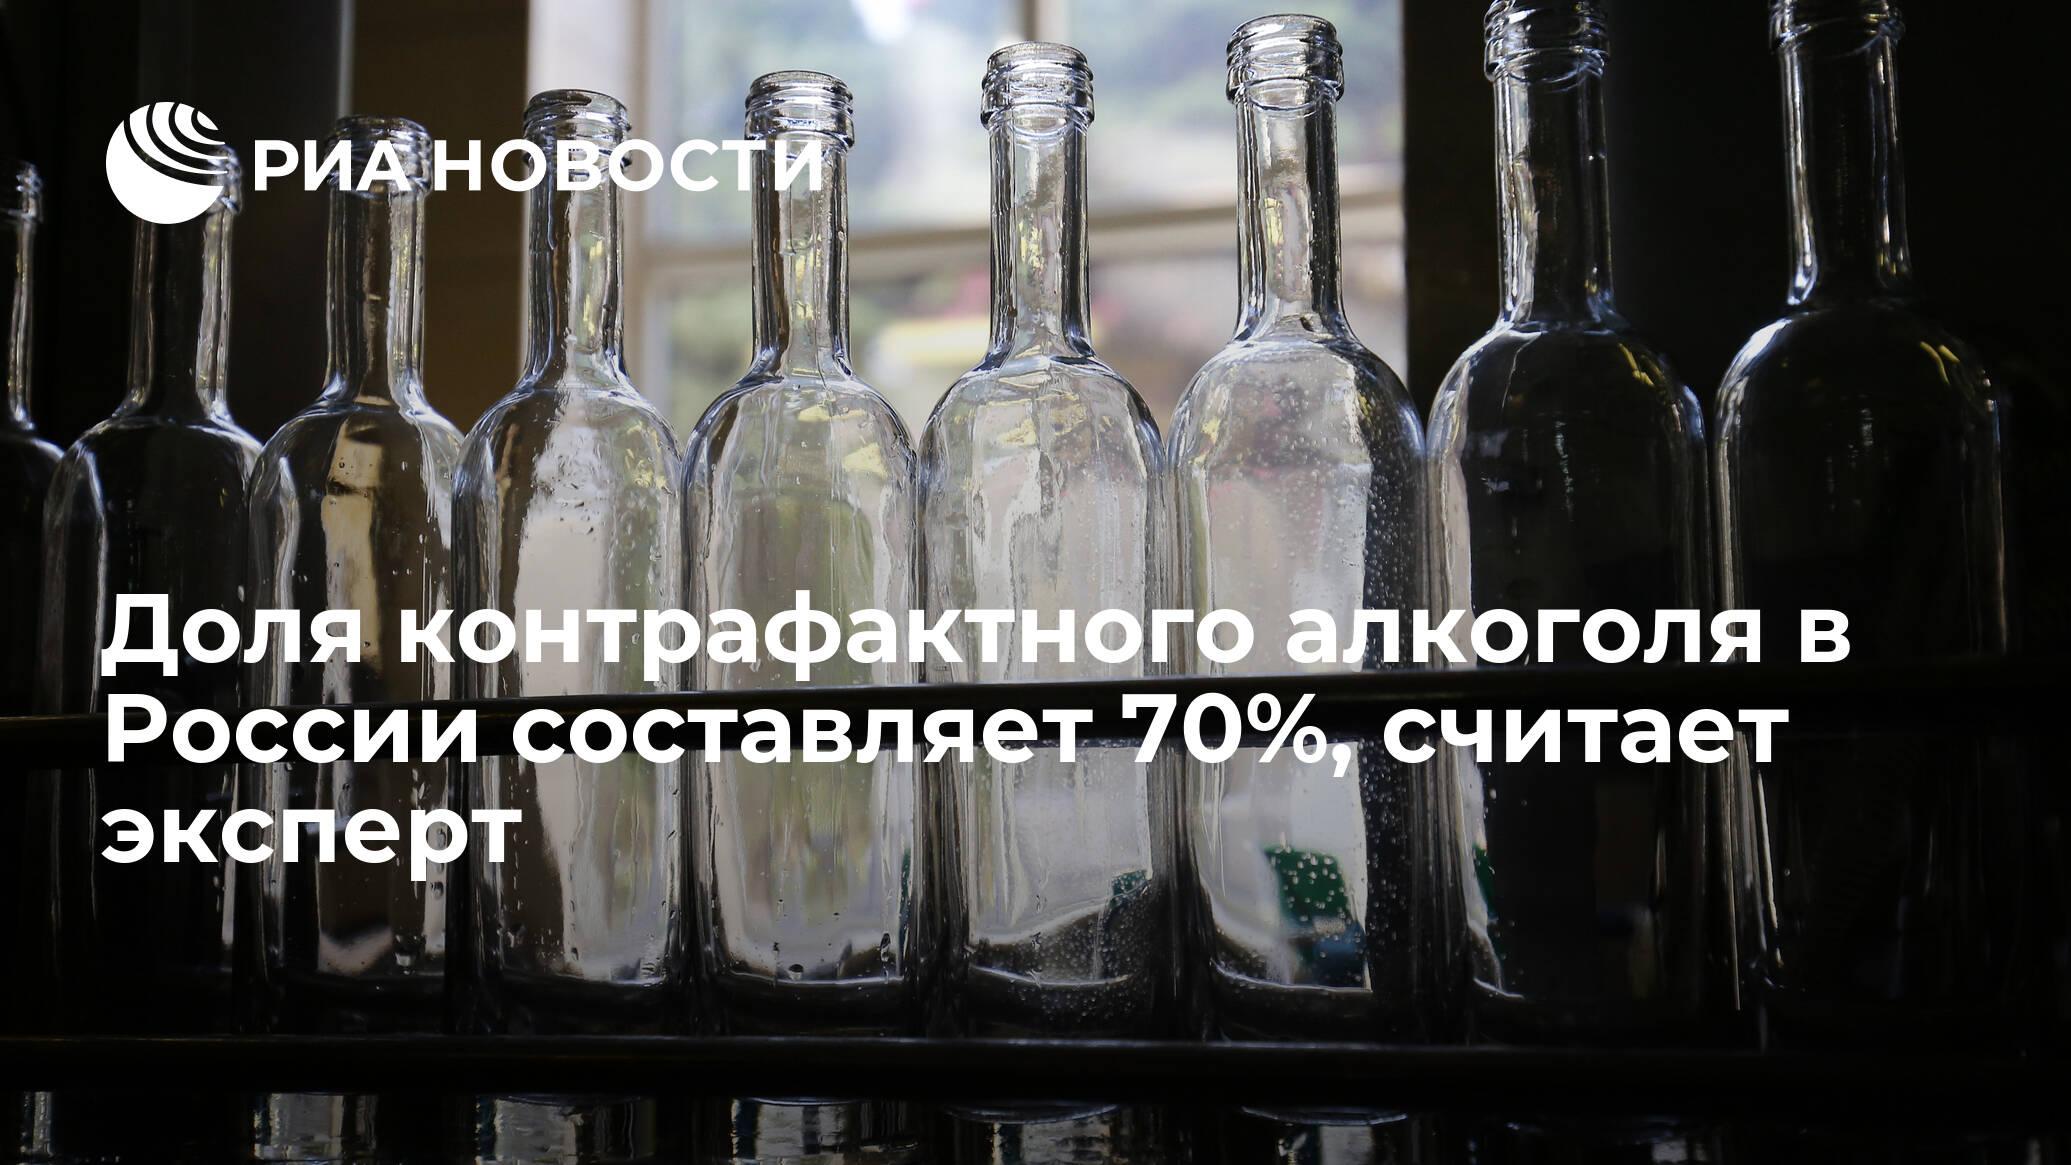 Доля контрафактного алкоголя в России составляет 70%, считает эксперт